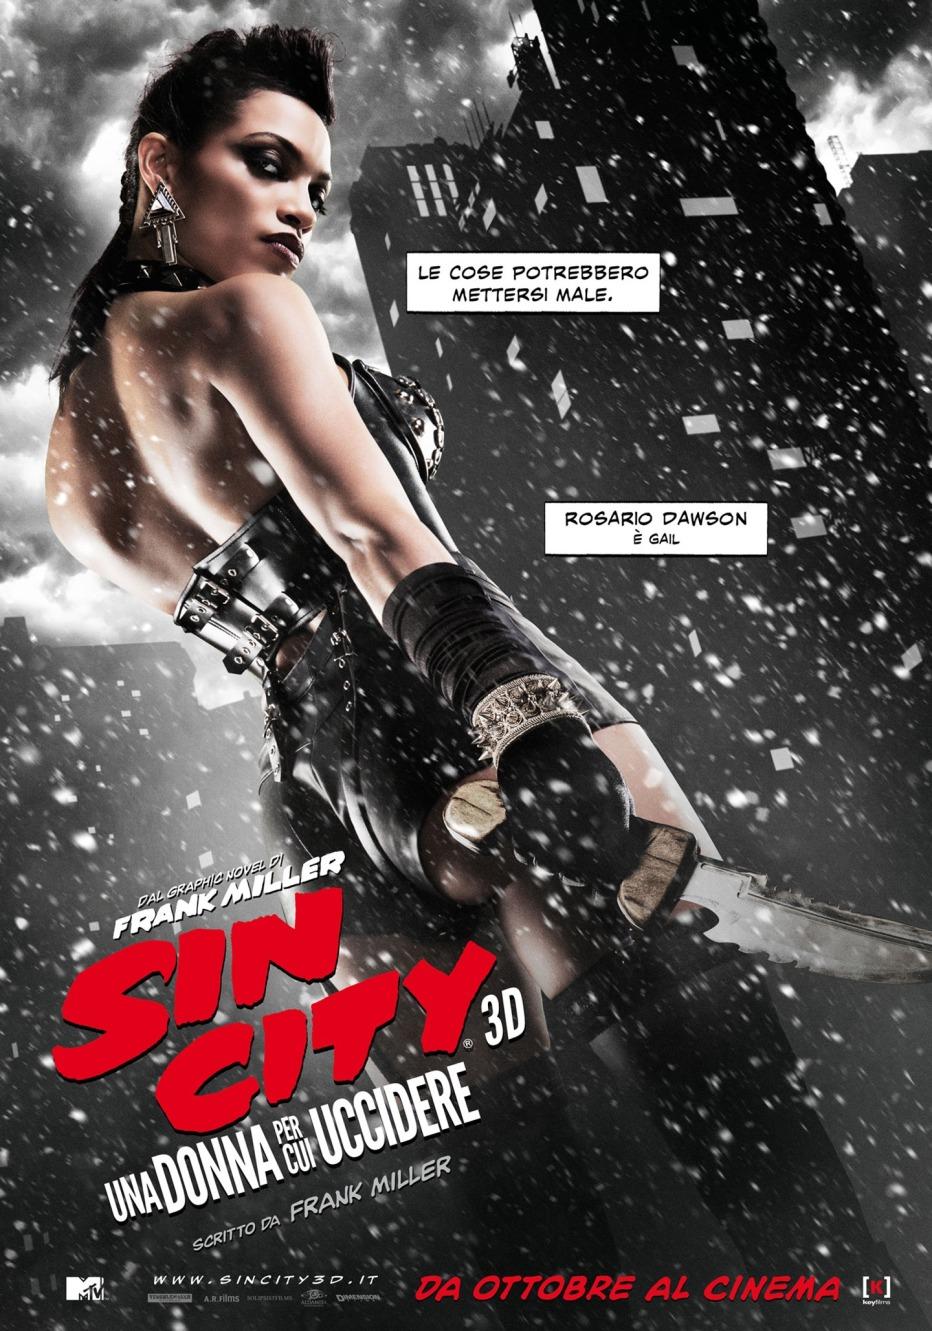 Sin-City-Una-donna-per-cui-uccidere-2014-Frank-Miller-Robert-Rodriguez-35.jpg